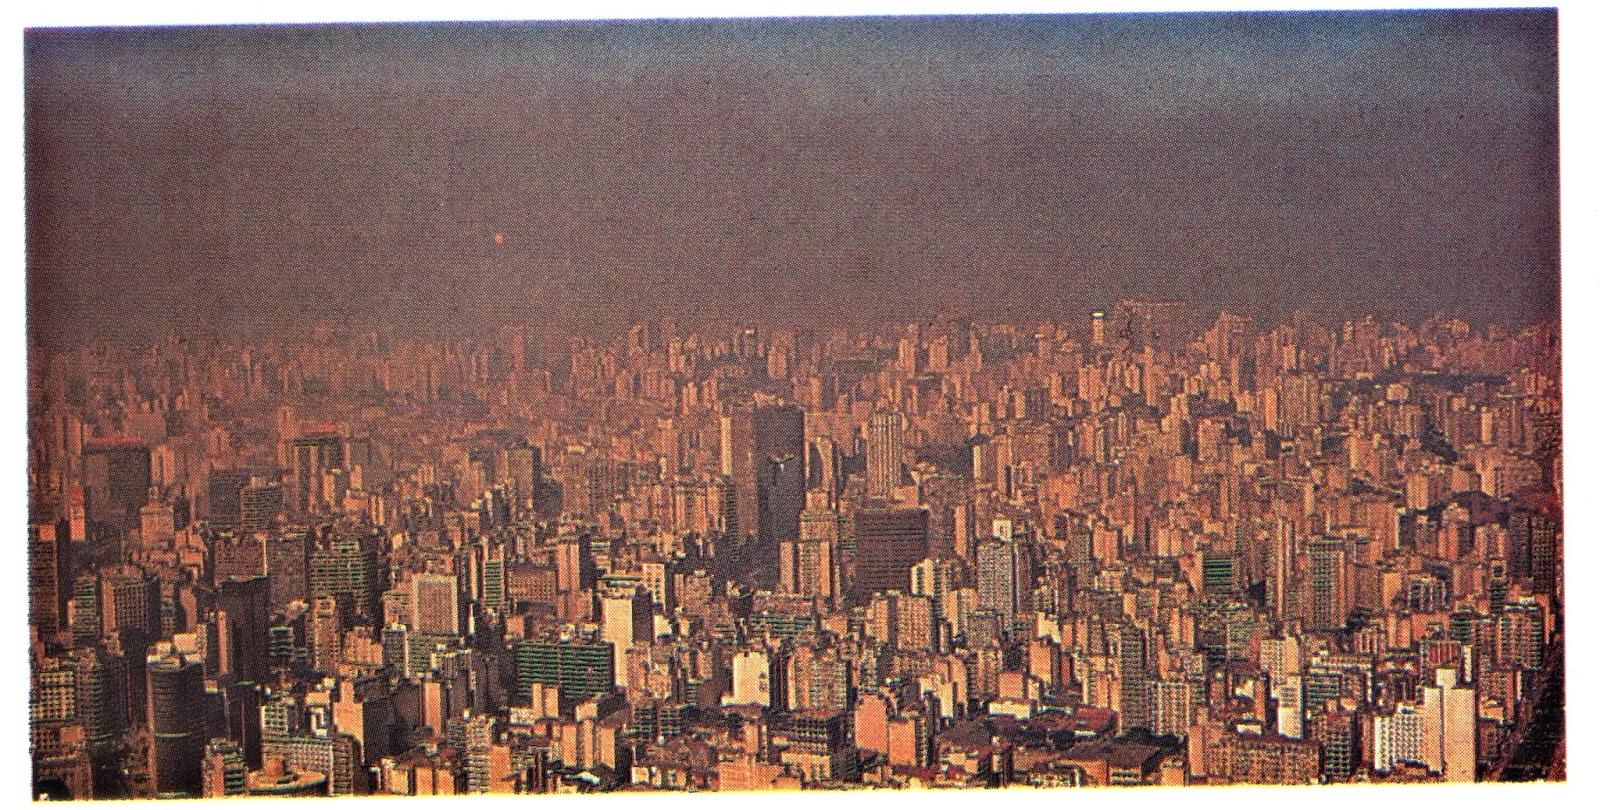 El Medio Ambiente: El Medio Ambiente (desde 1950 Hasta Principios Del Siglo XXI